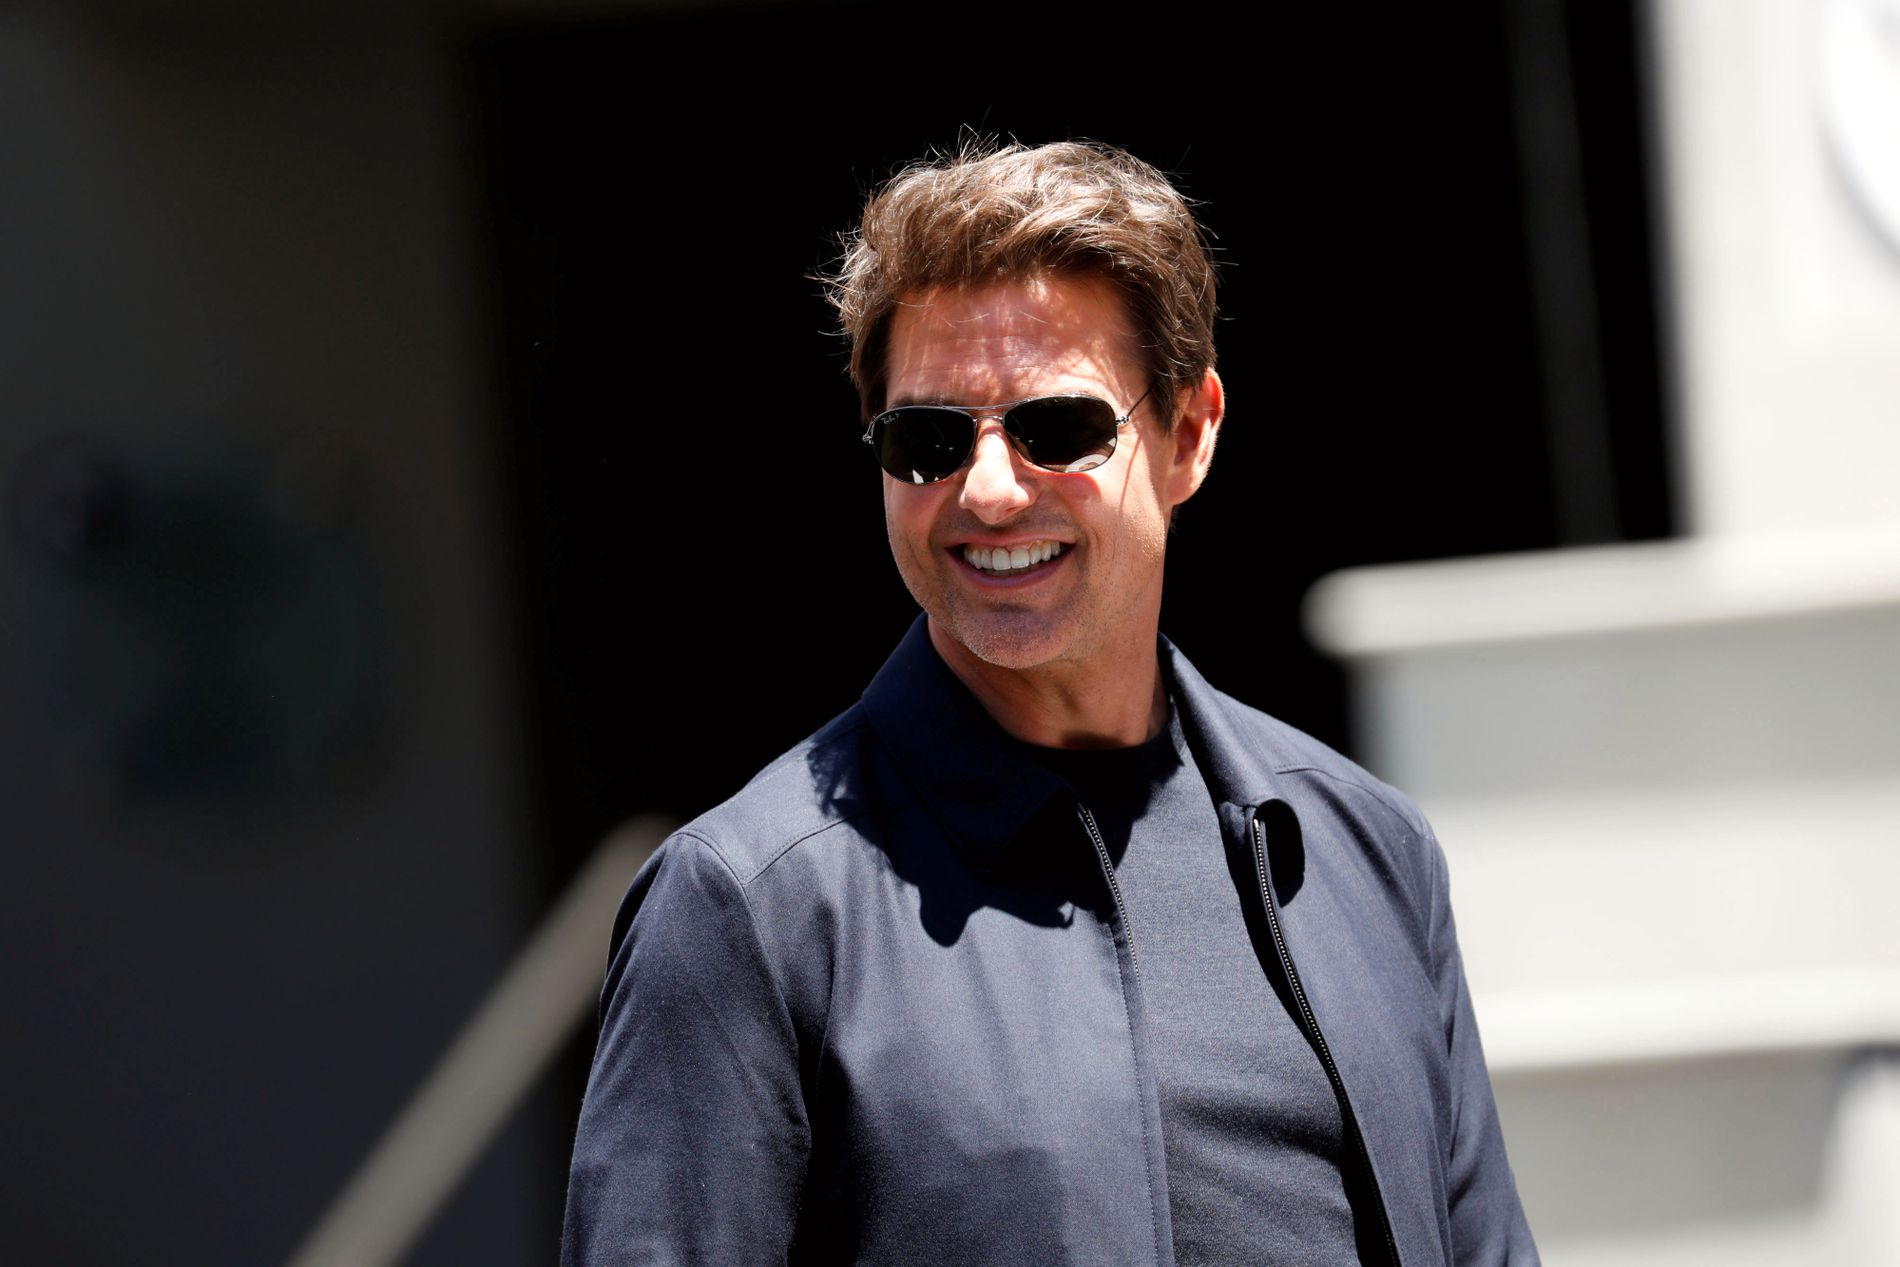 STJERNE: Skuespiller Tom Cruise i forbindelse med lanseringen av filmen «The Mummy».